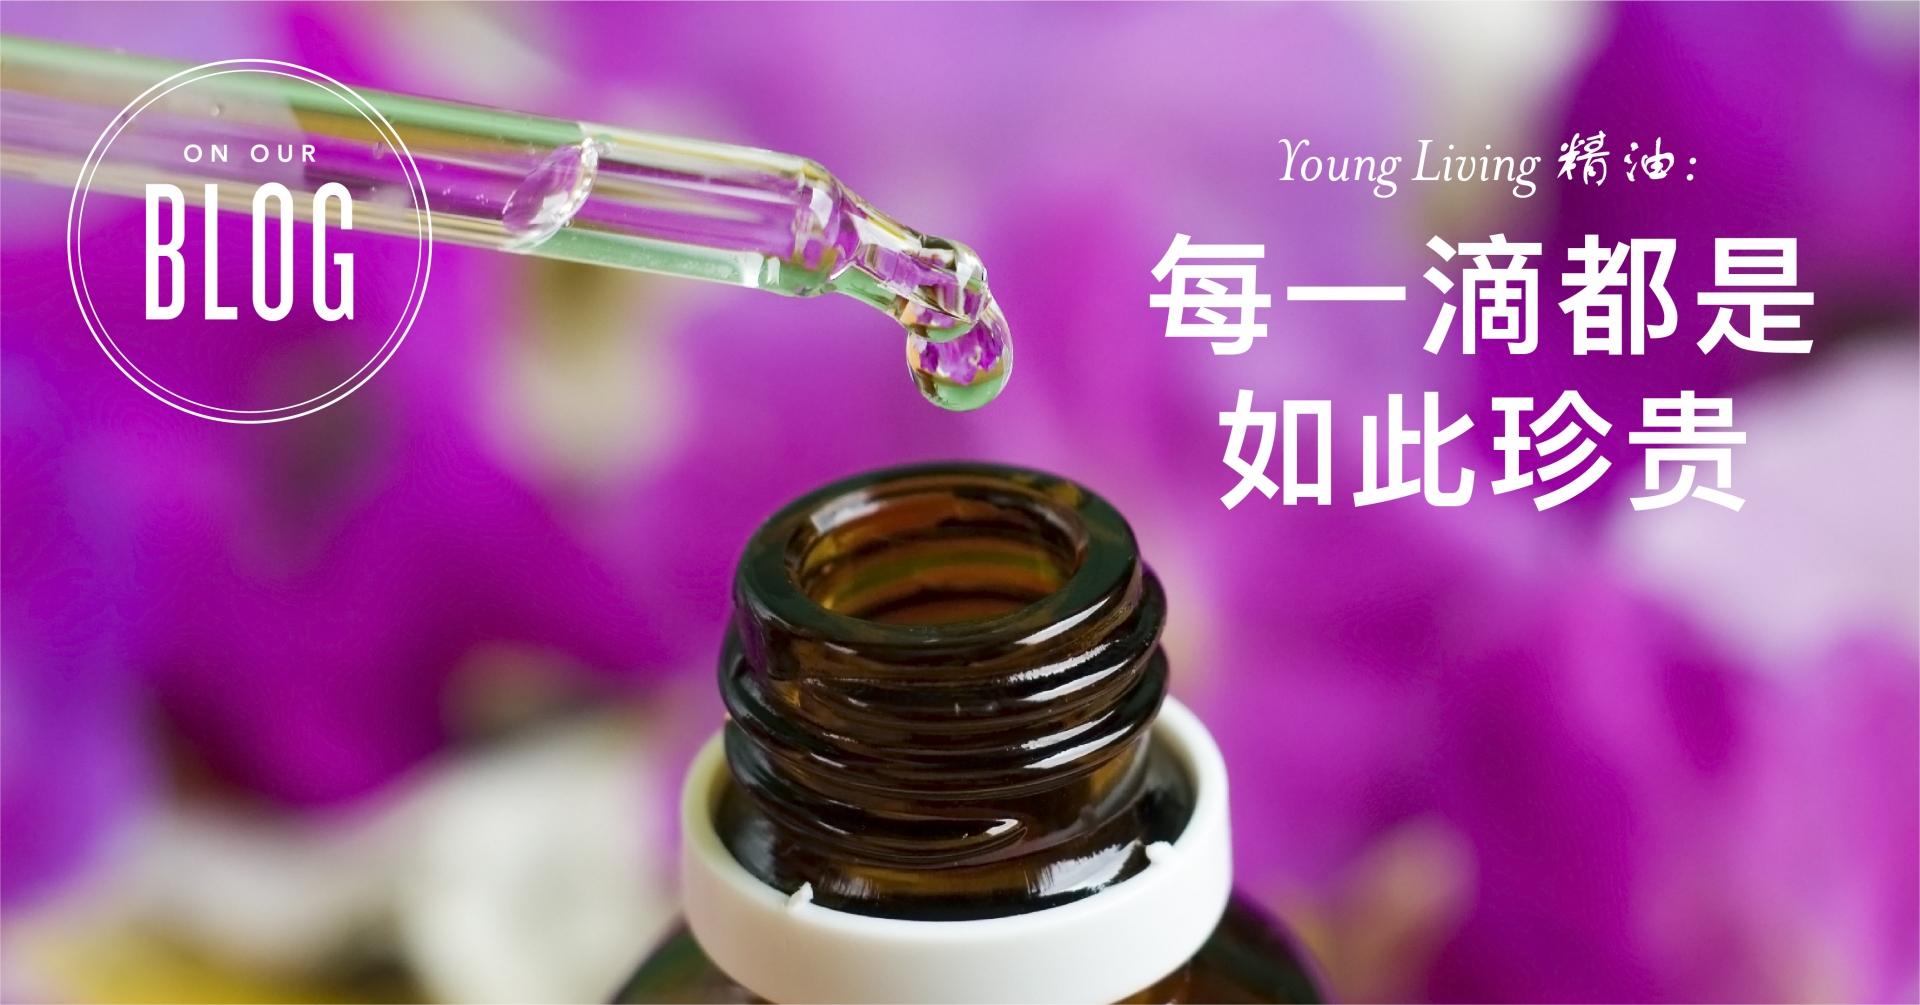 Young Living精油:每一滴都是如此珍貴 - Young Living Blog